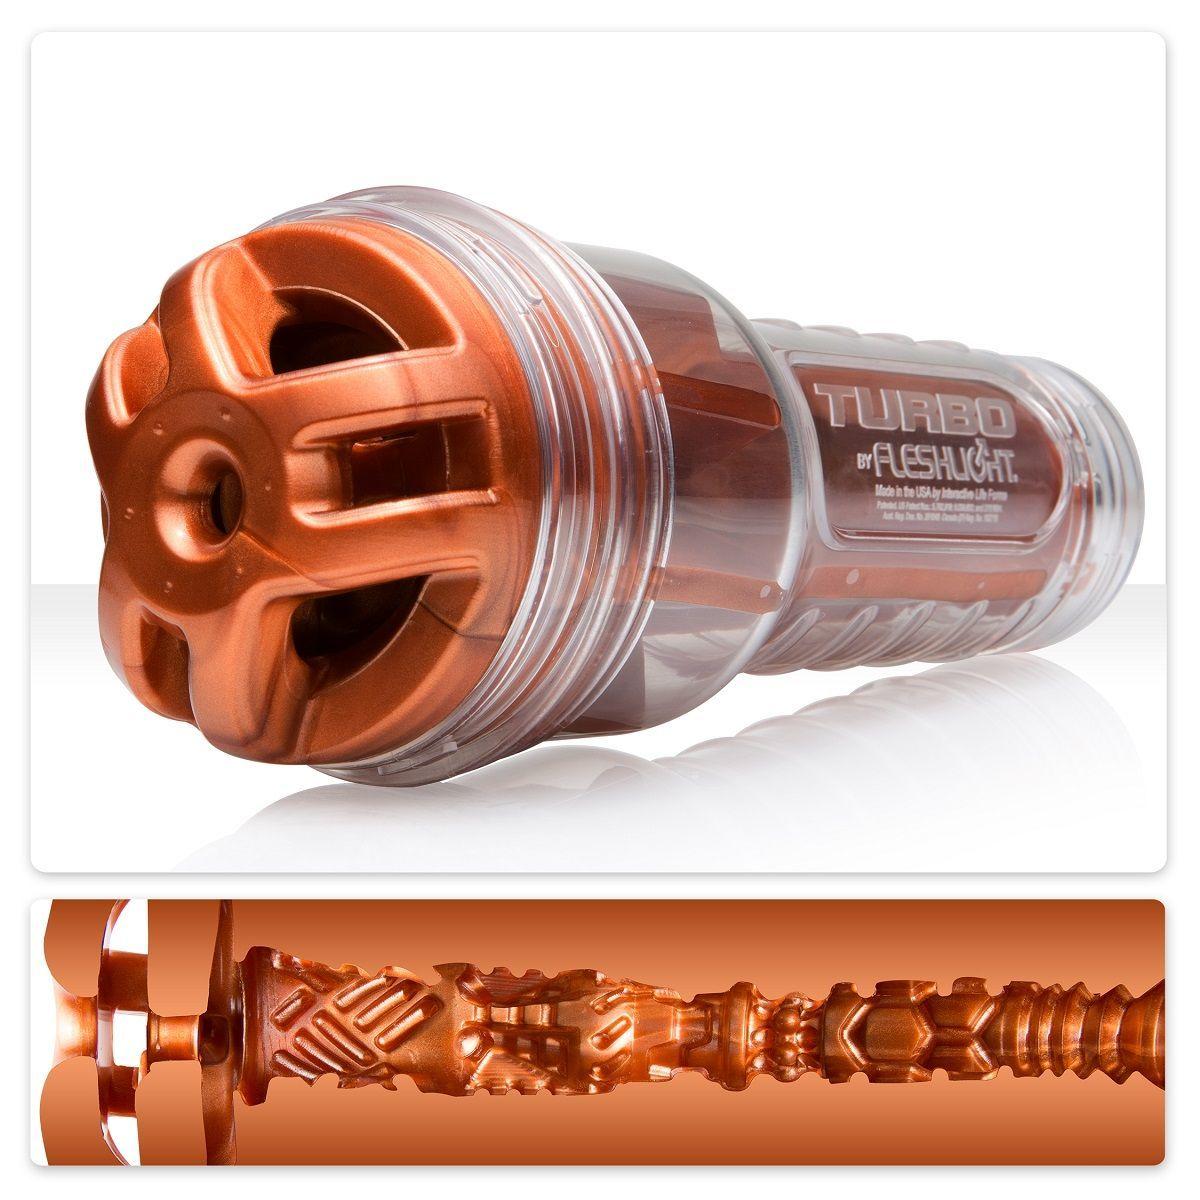 Мастурбаторы: Мастурбатор Fleshlight Turbo - Ignition Copper